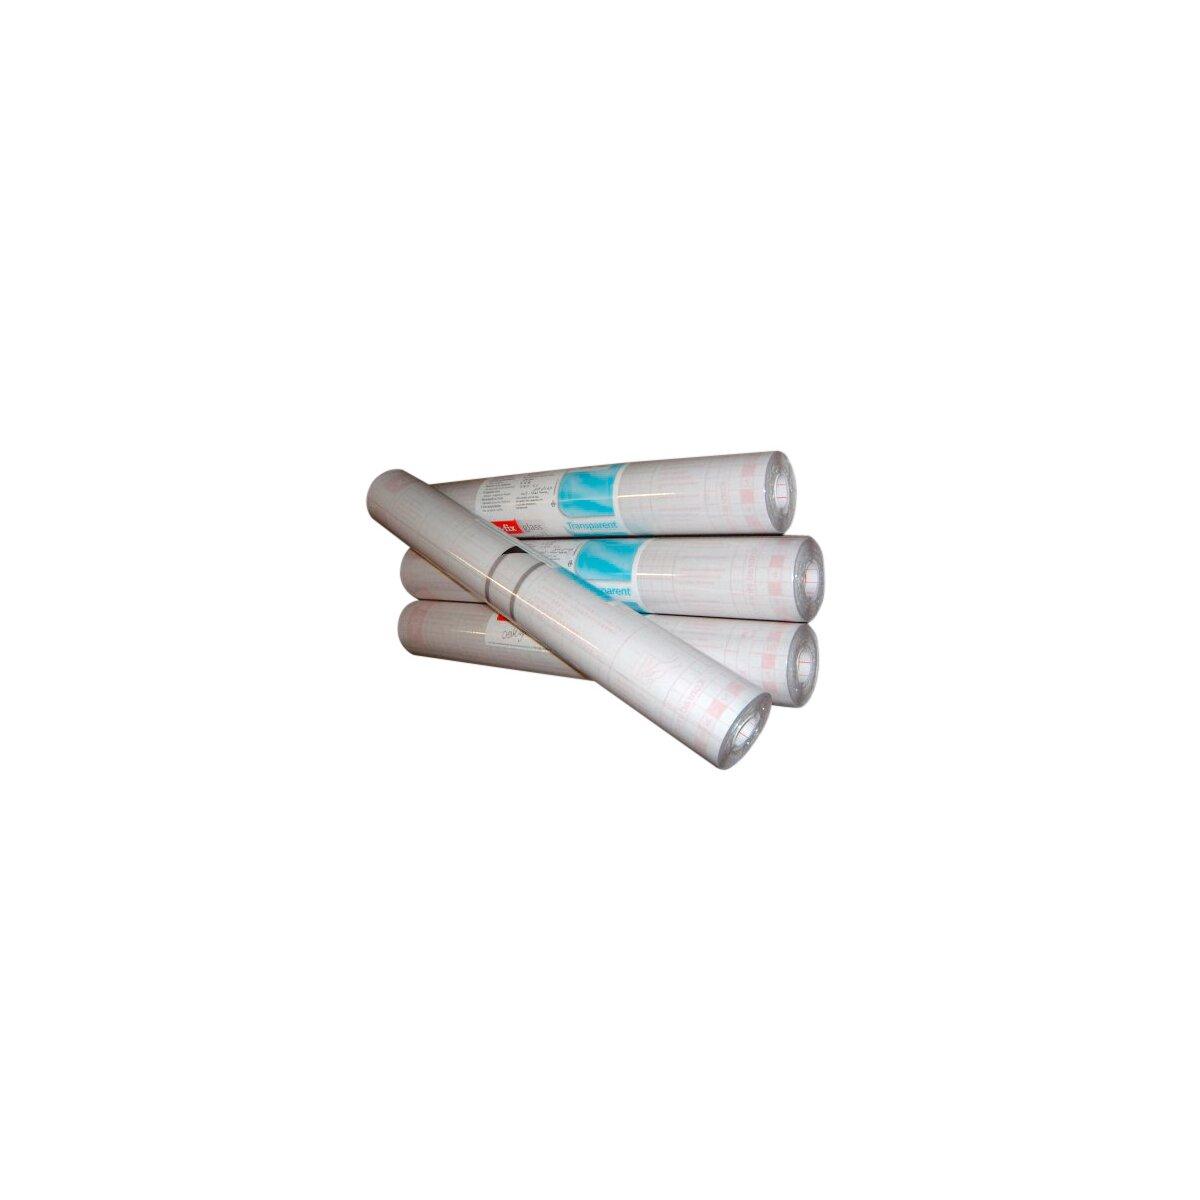 Hornschuch Klebefolien 45 Cm X 15 M Transparent Matt 55 00